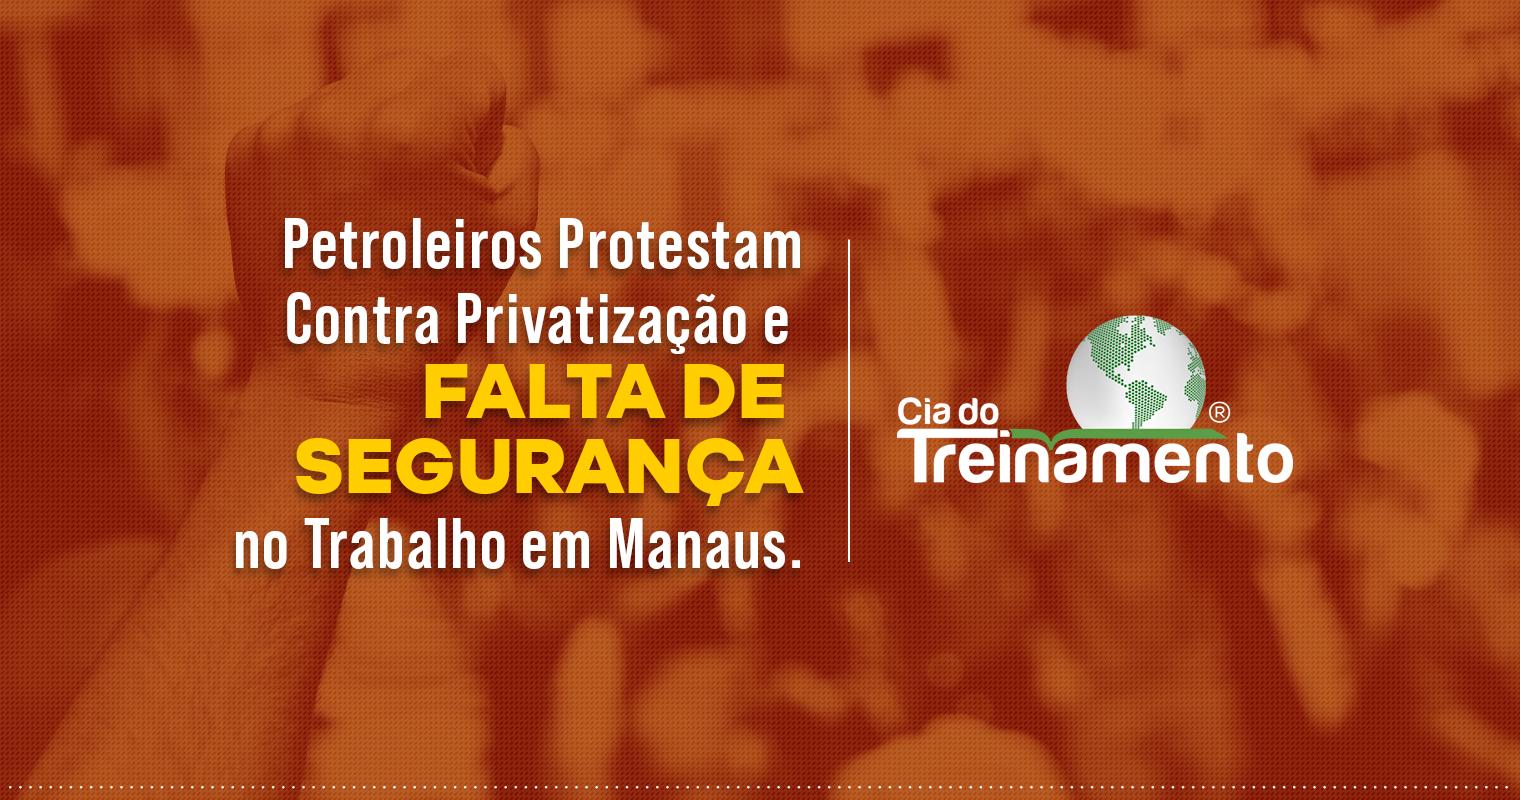 Petroleiros Protestam Contra Privatização e Falta de Segurança no Trabalho em Manaus